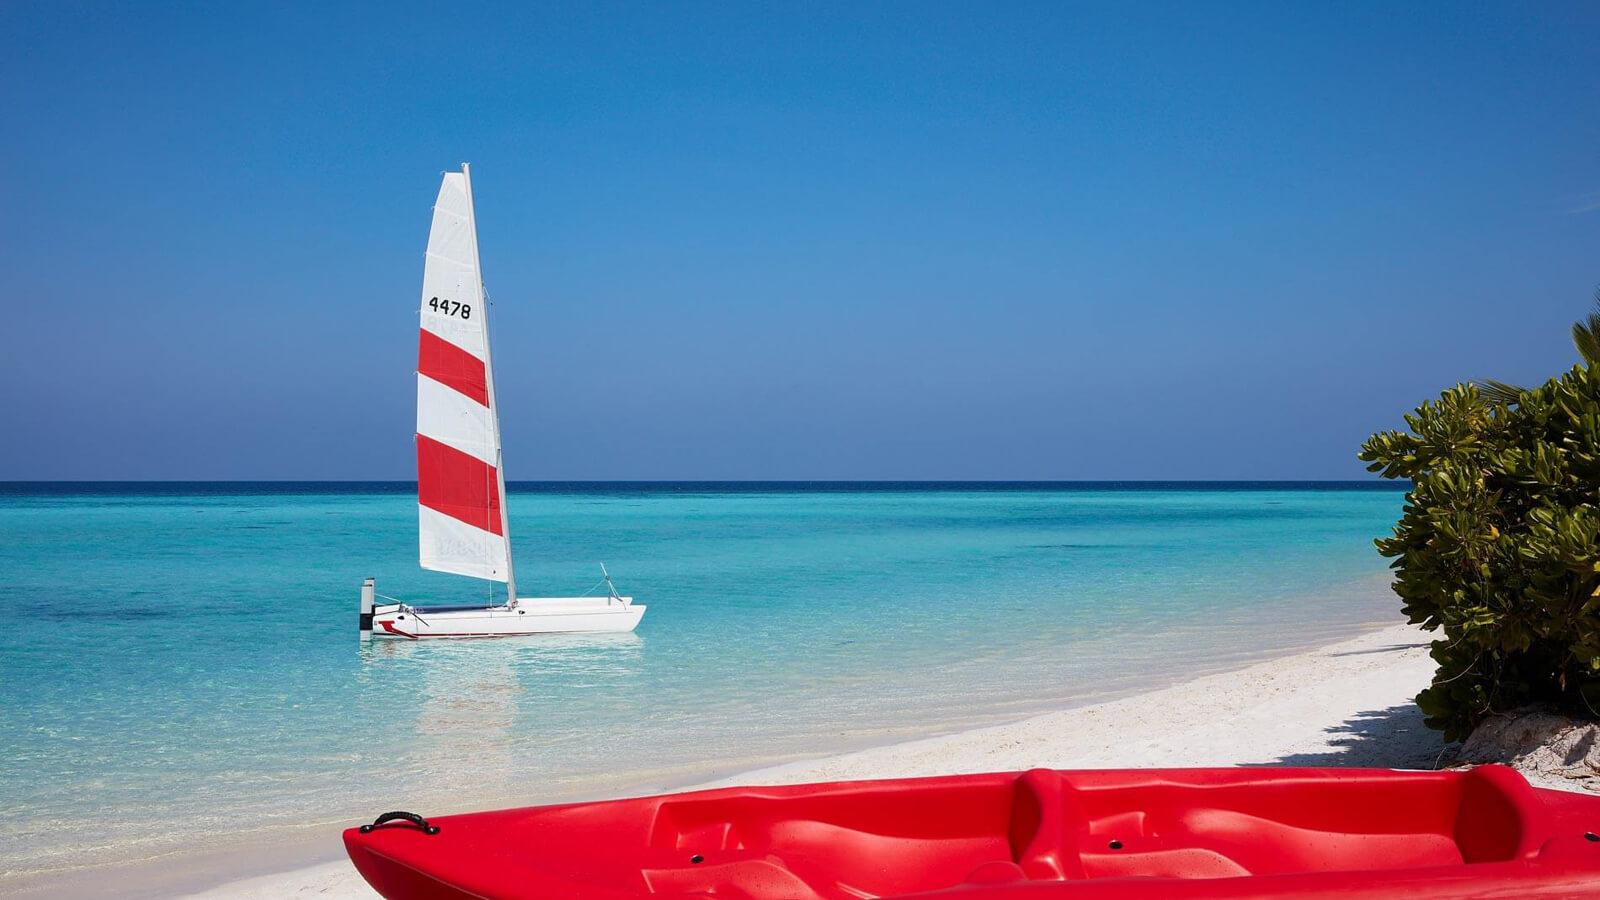 Мальдивы, отель Amari Havodda Maldives, парус